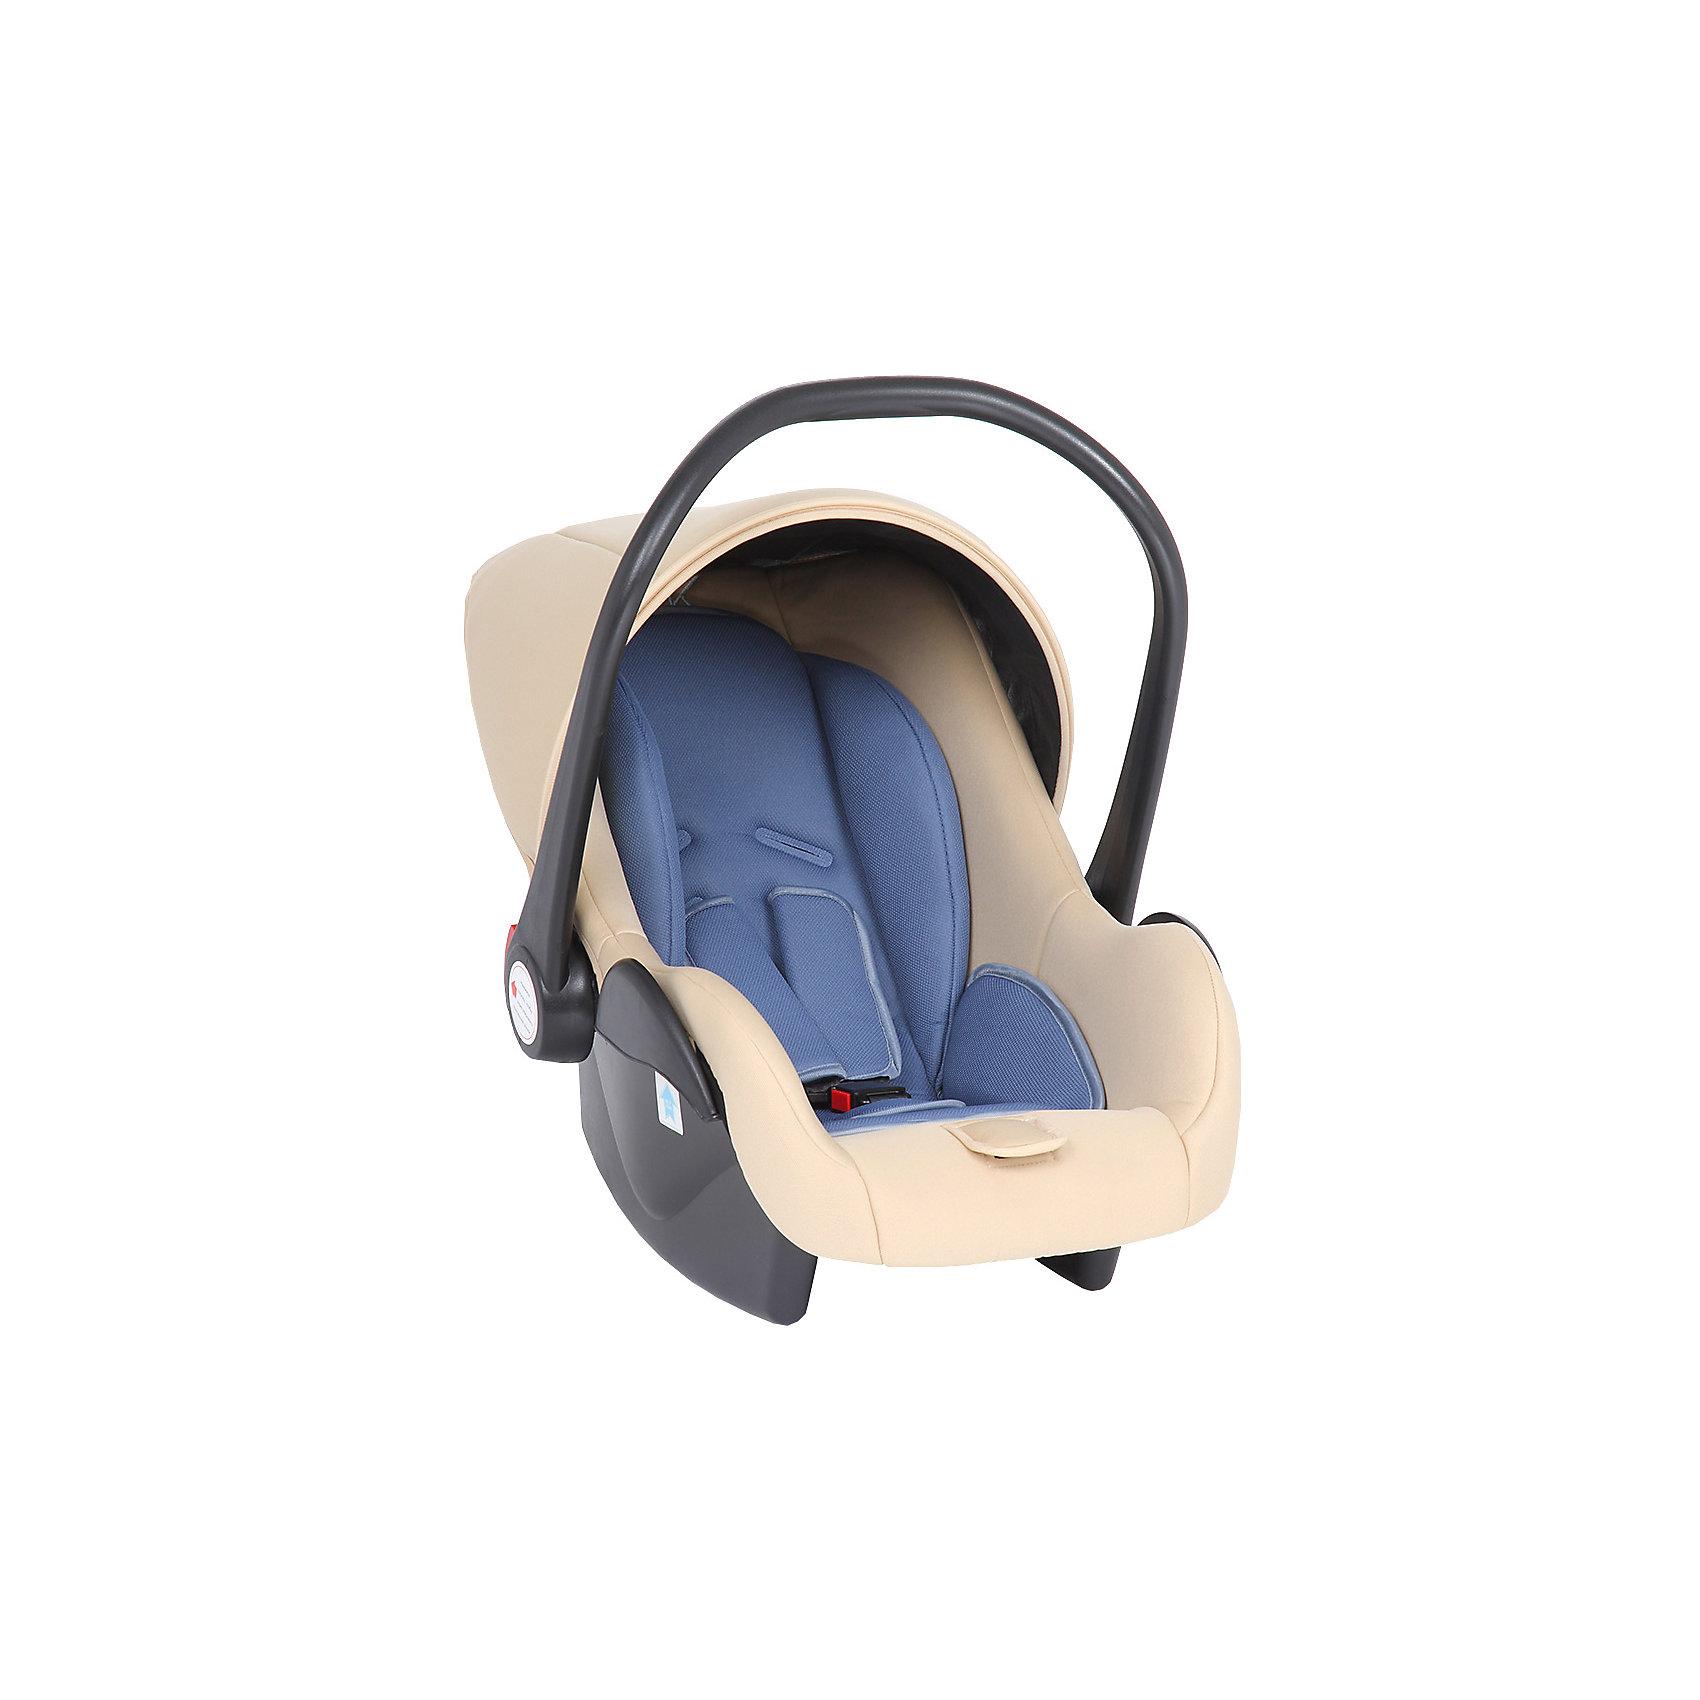 Автокресло Baby Leader Comfort, 0-13 кг., Leader kids, бежевый/голубойНадежное автокресло - необходимый атрибут современной семьи, в которой есть машина. Это высокотехнологичное автокресло позволит перевозить ребенка, не беспокоясь при этом о его безопасности. Оно предназначено для предназначено для детей весом до 13 килограмм. Такое кресло обеспечит малышу не только безопасность, но и удобство (козырек от солнца и анатомическая форма). Ребенок надежно фиксируется в кресле и ездит с комфортом.<br>Автокресло устанавливают против движения. Такое кресло дает возможность свободно путешествовать, ездить в гости и при этом  быть рядом с малышом. Конструкция - очень удобная и прочная. Изделие произведено из качественных и безопасных для малышей материалов, оно соответствуют всем современным требованиям безопасности. Кресло отлично показало себя на краш-тестах.<br> <br>Дополнительная информация:<br><br>цвет: бежевый, голубой;<br>материал: текстиль, пластик;<br>вес ребенка: до 13 кг;<br>мягкий подголовник;<br>анатомическая подушка;<br>внутренние ремни - трехточечные, с мягкими накладками;<br>регулировка высоты внутренних ремней;<br>ручка для переноски;<br>тент от солнца;<br>установка: спиной вперед;<br>дополнительная защита от боковых ударов;<br>съемный чехол;<br>соответствие стандартам ECE R44/04.<br><br>Автокресло Baby Leader Comfort, 0-13 кг., бежевый/голубой от компании Leader kids можно купить в нашем магазине.<br><br>Ширина мм: 880<br>Глубина мм: 740<br>Высота мм: 450<br>Вес г: 2670<br>Возраст от месяцев: 0<br>Возраст до месяцев: 12<br>Пол: Мужской<br>Возраст: Детский<br>SKU: 4778464